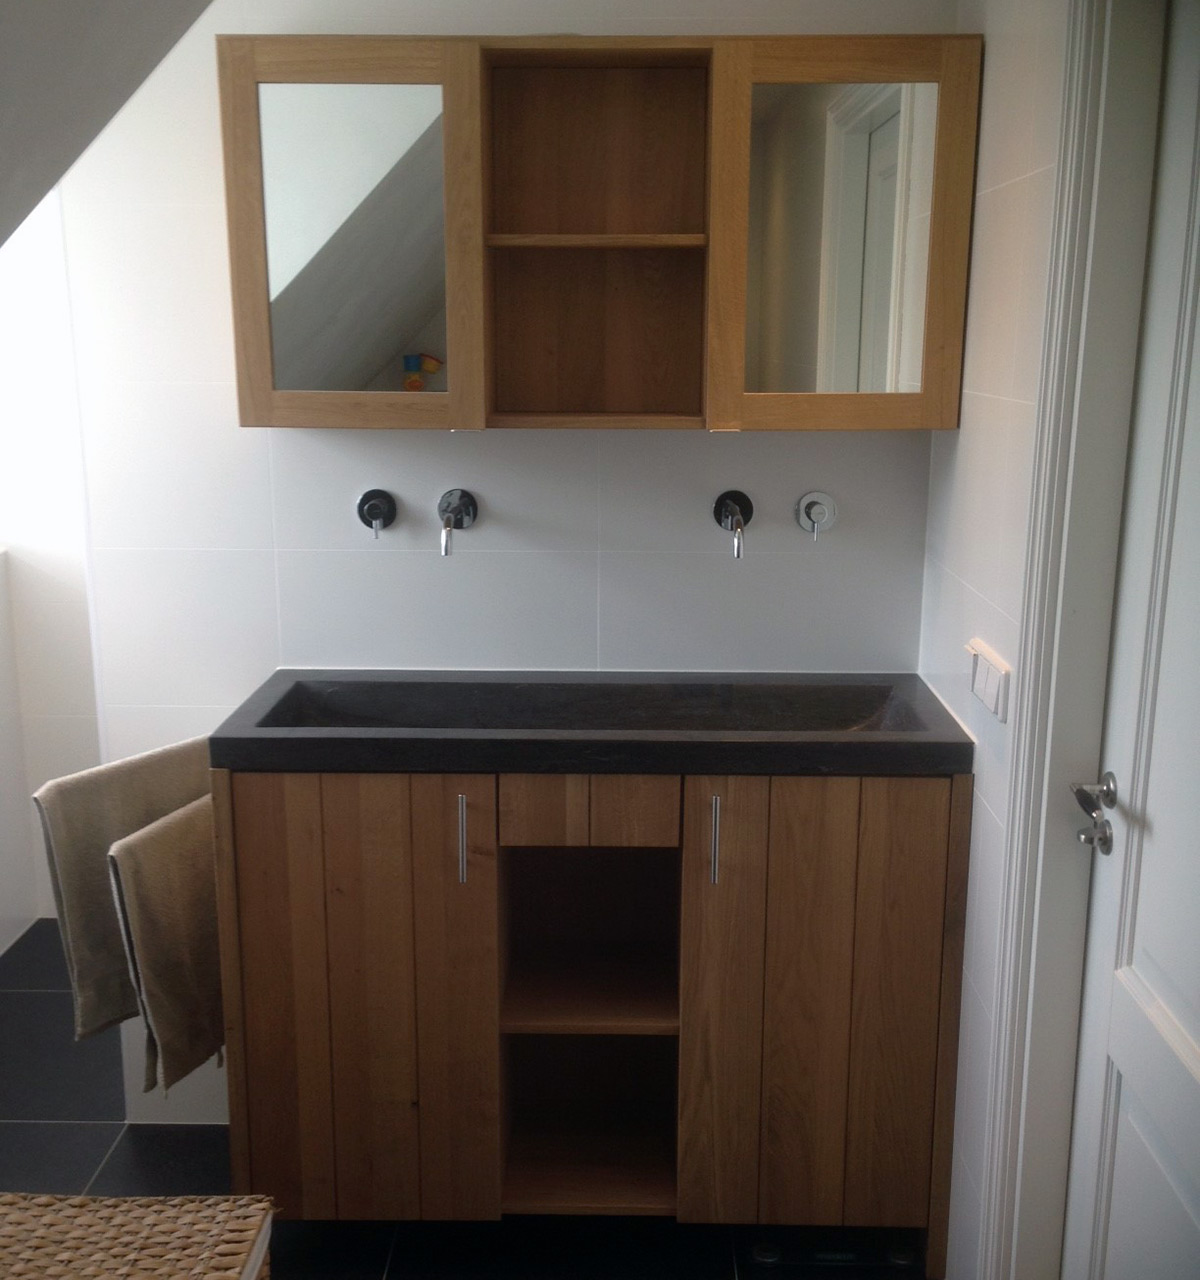 Beste wastafel badkamer inspirerende idee n ontwerp met foto 39 s en voorbeelden - Foto badkamer meubels ...